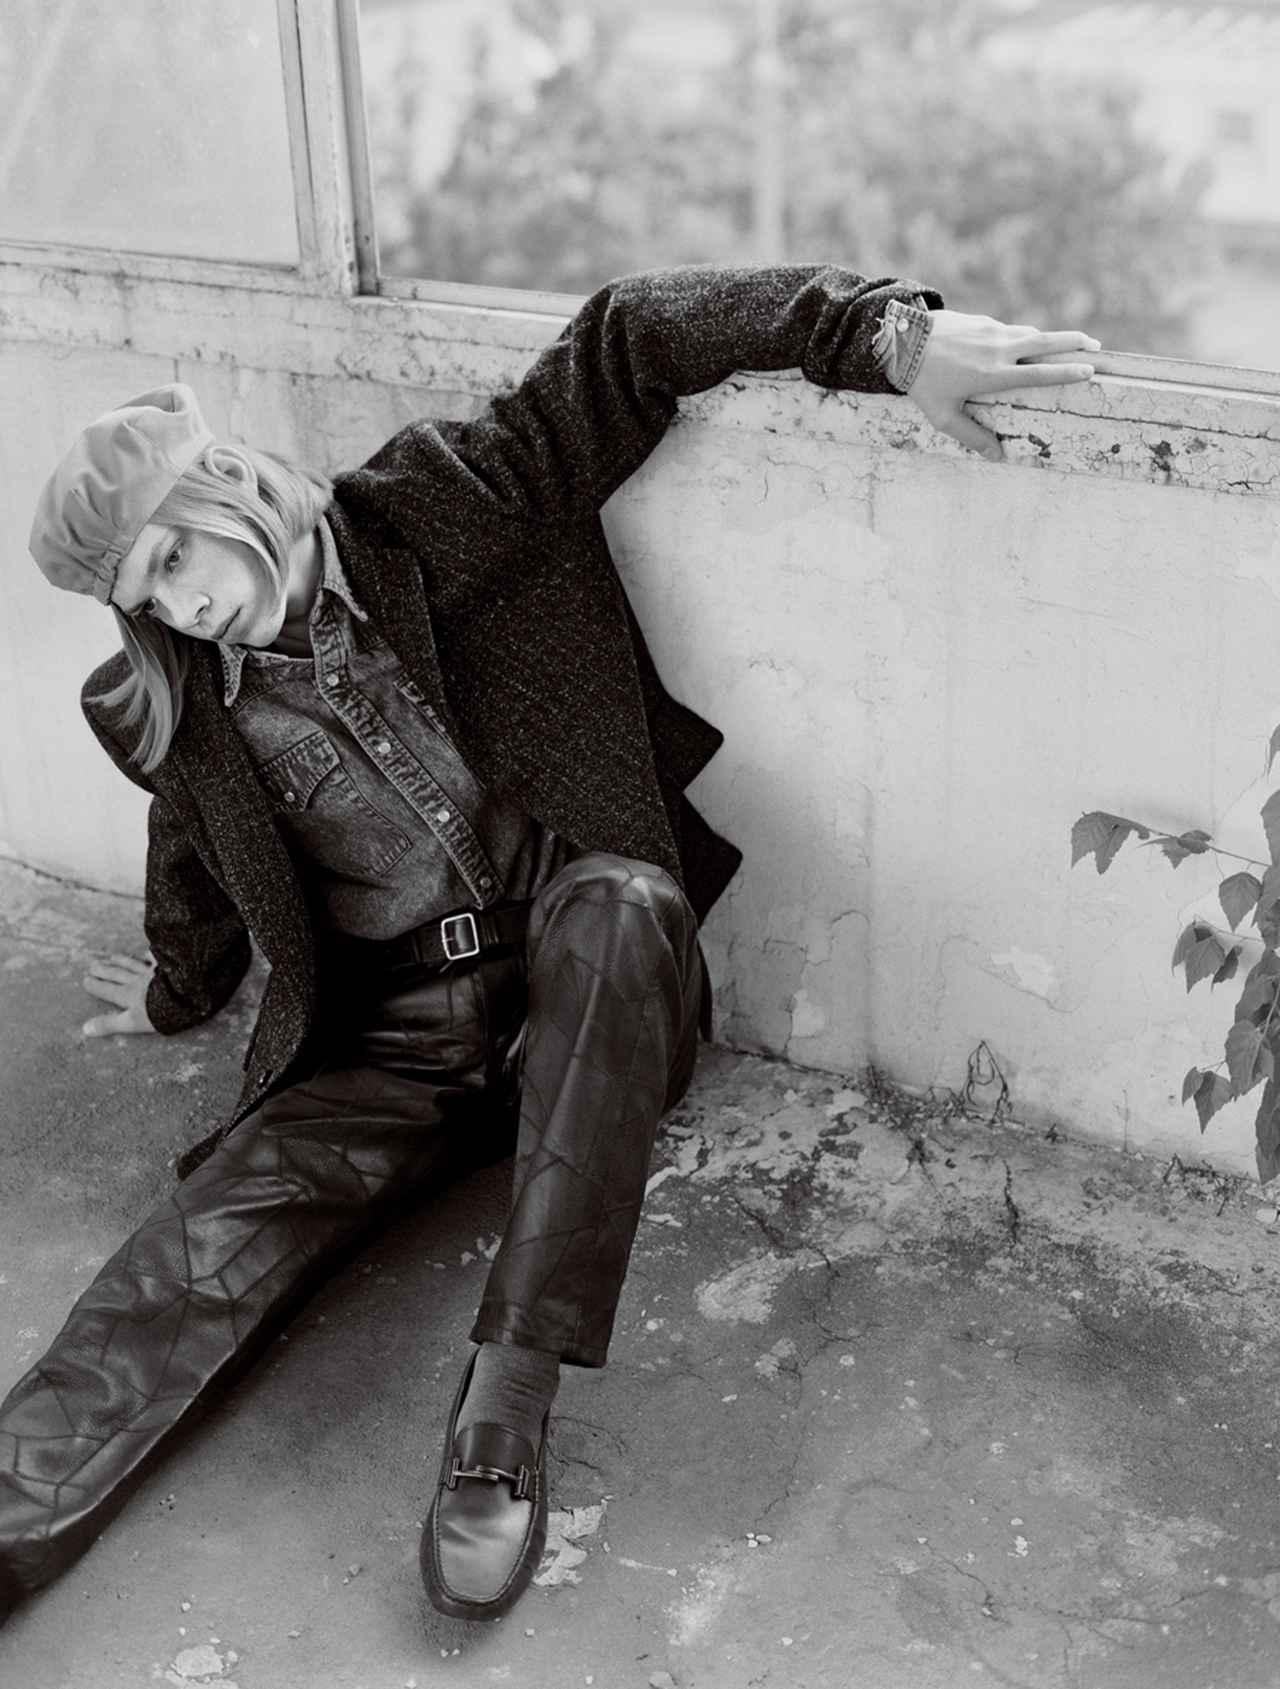 Images : 4番目の画像 - 「テーラードと スポーツをミックス。 ストリートスタイル最前線」のアルバム - T JAPAN:The New York Times Style Magazine 公式サイト